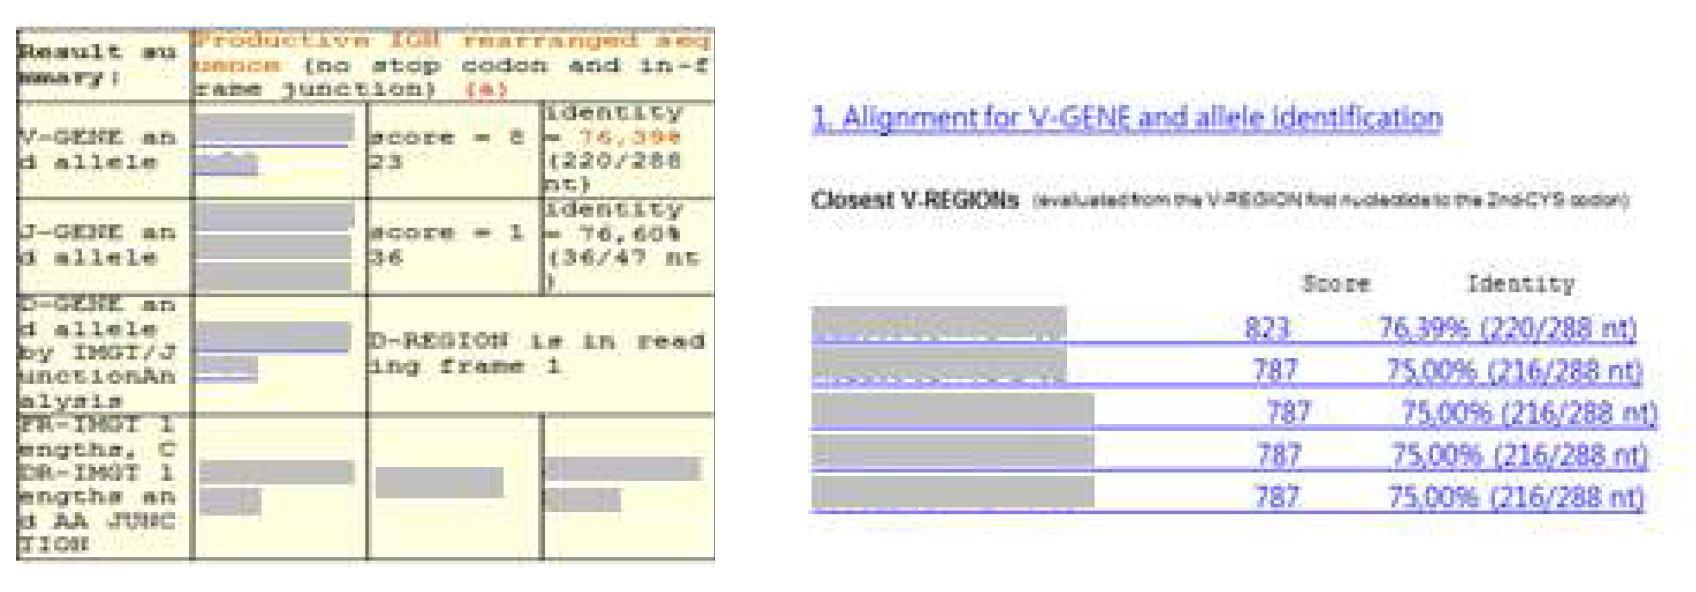 그림 34. Human germline immunoglobulin heavy chain V region 아미노산 서열 list up